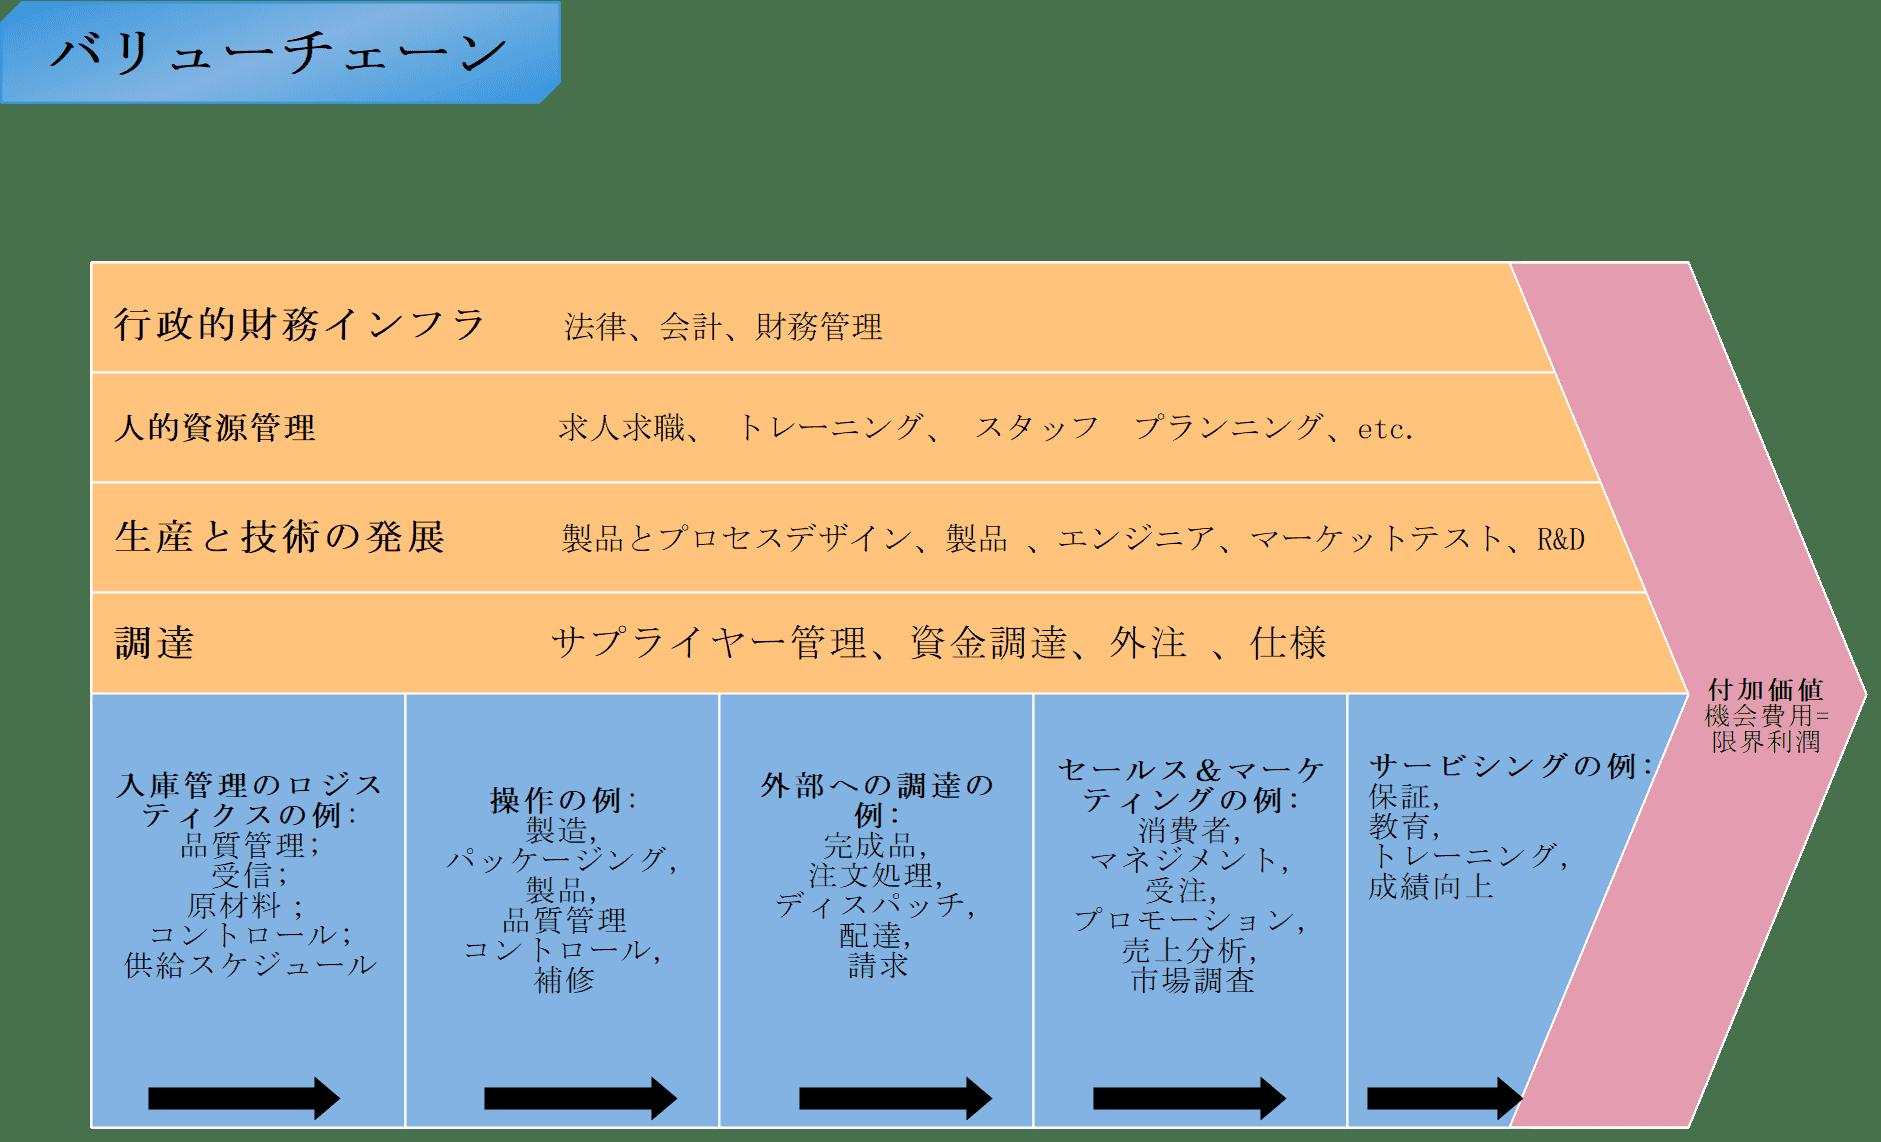 バリューチェーン分析の事例